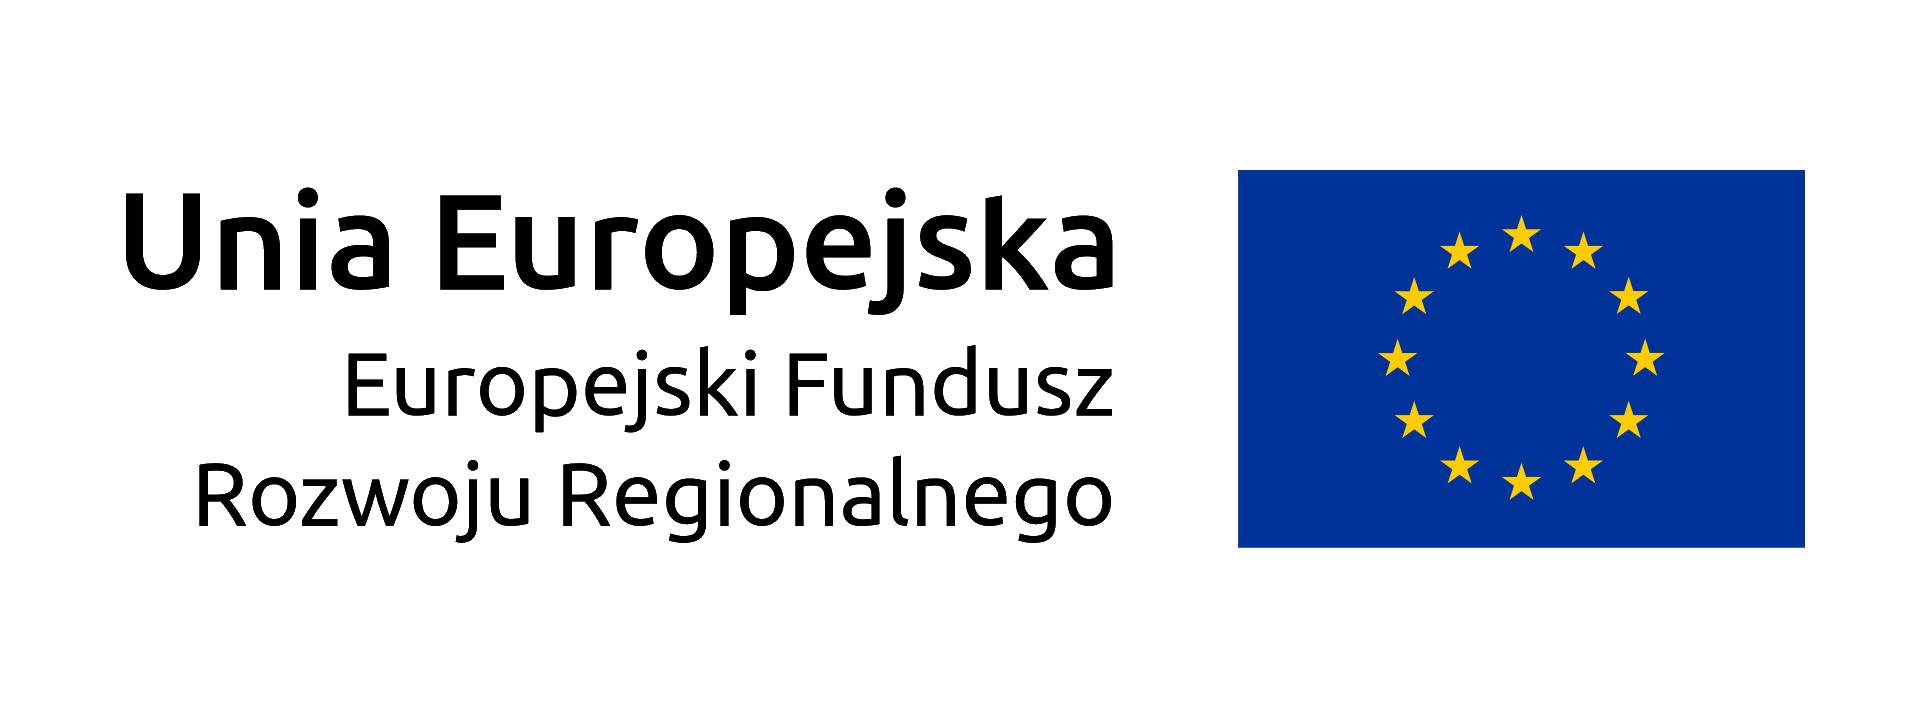 unia_europejska_logo